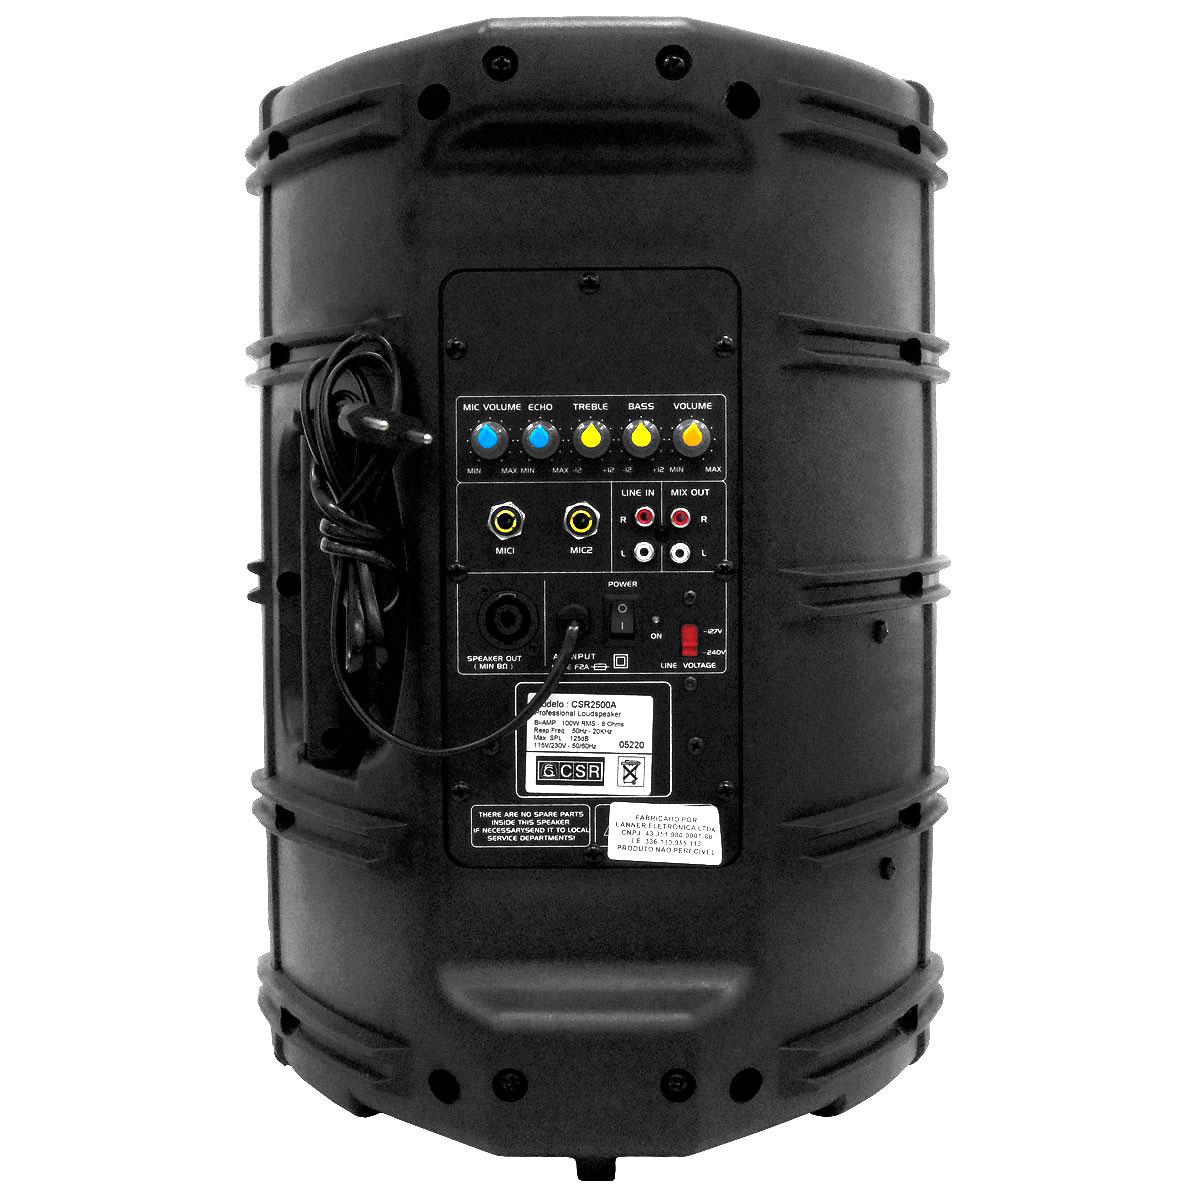 CSR2500A - Caixa CSR 2500 A Ativa 100W com 3 Entradas com Eco